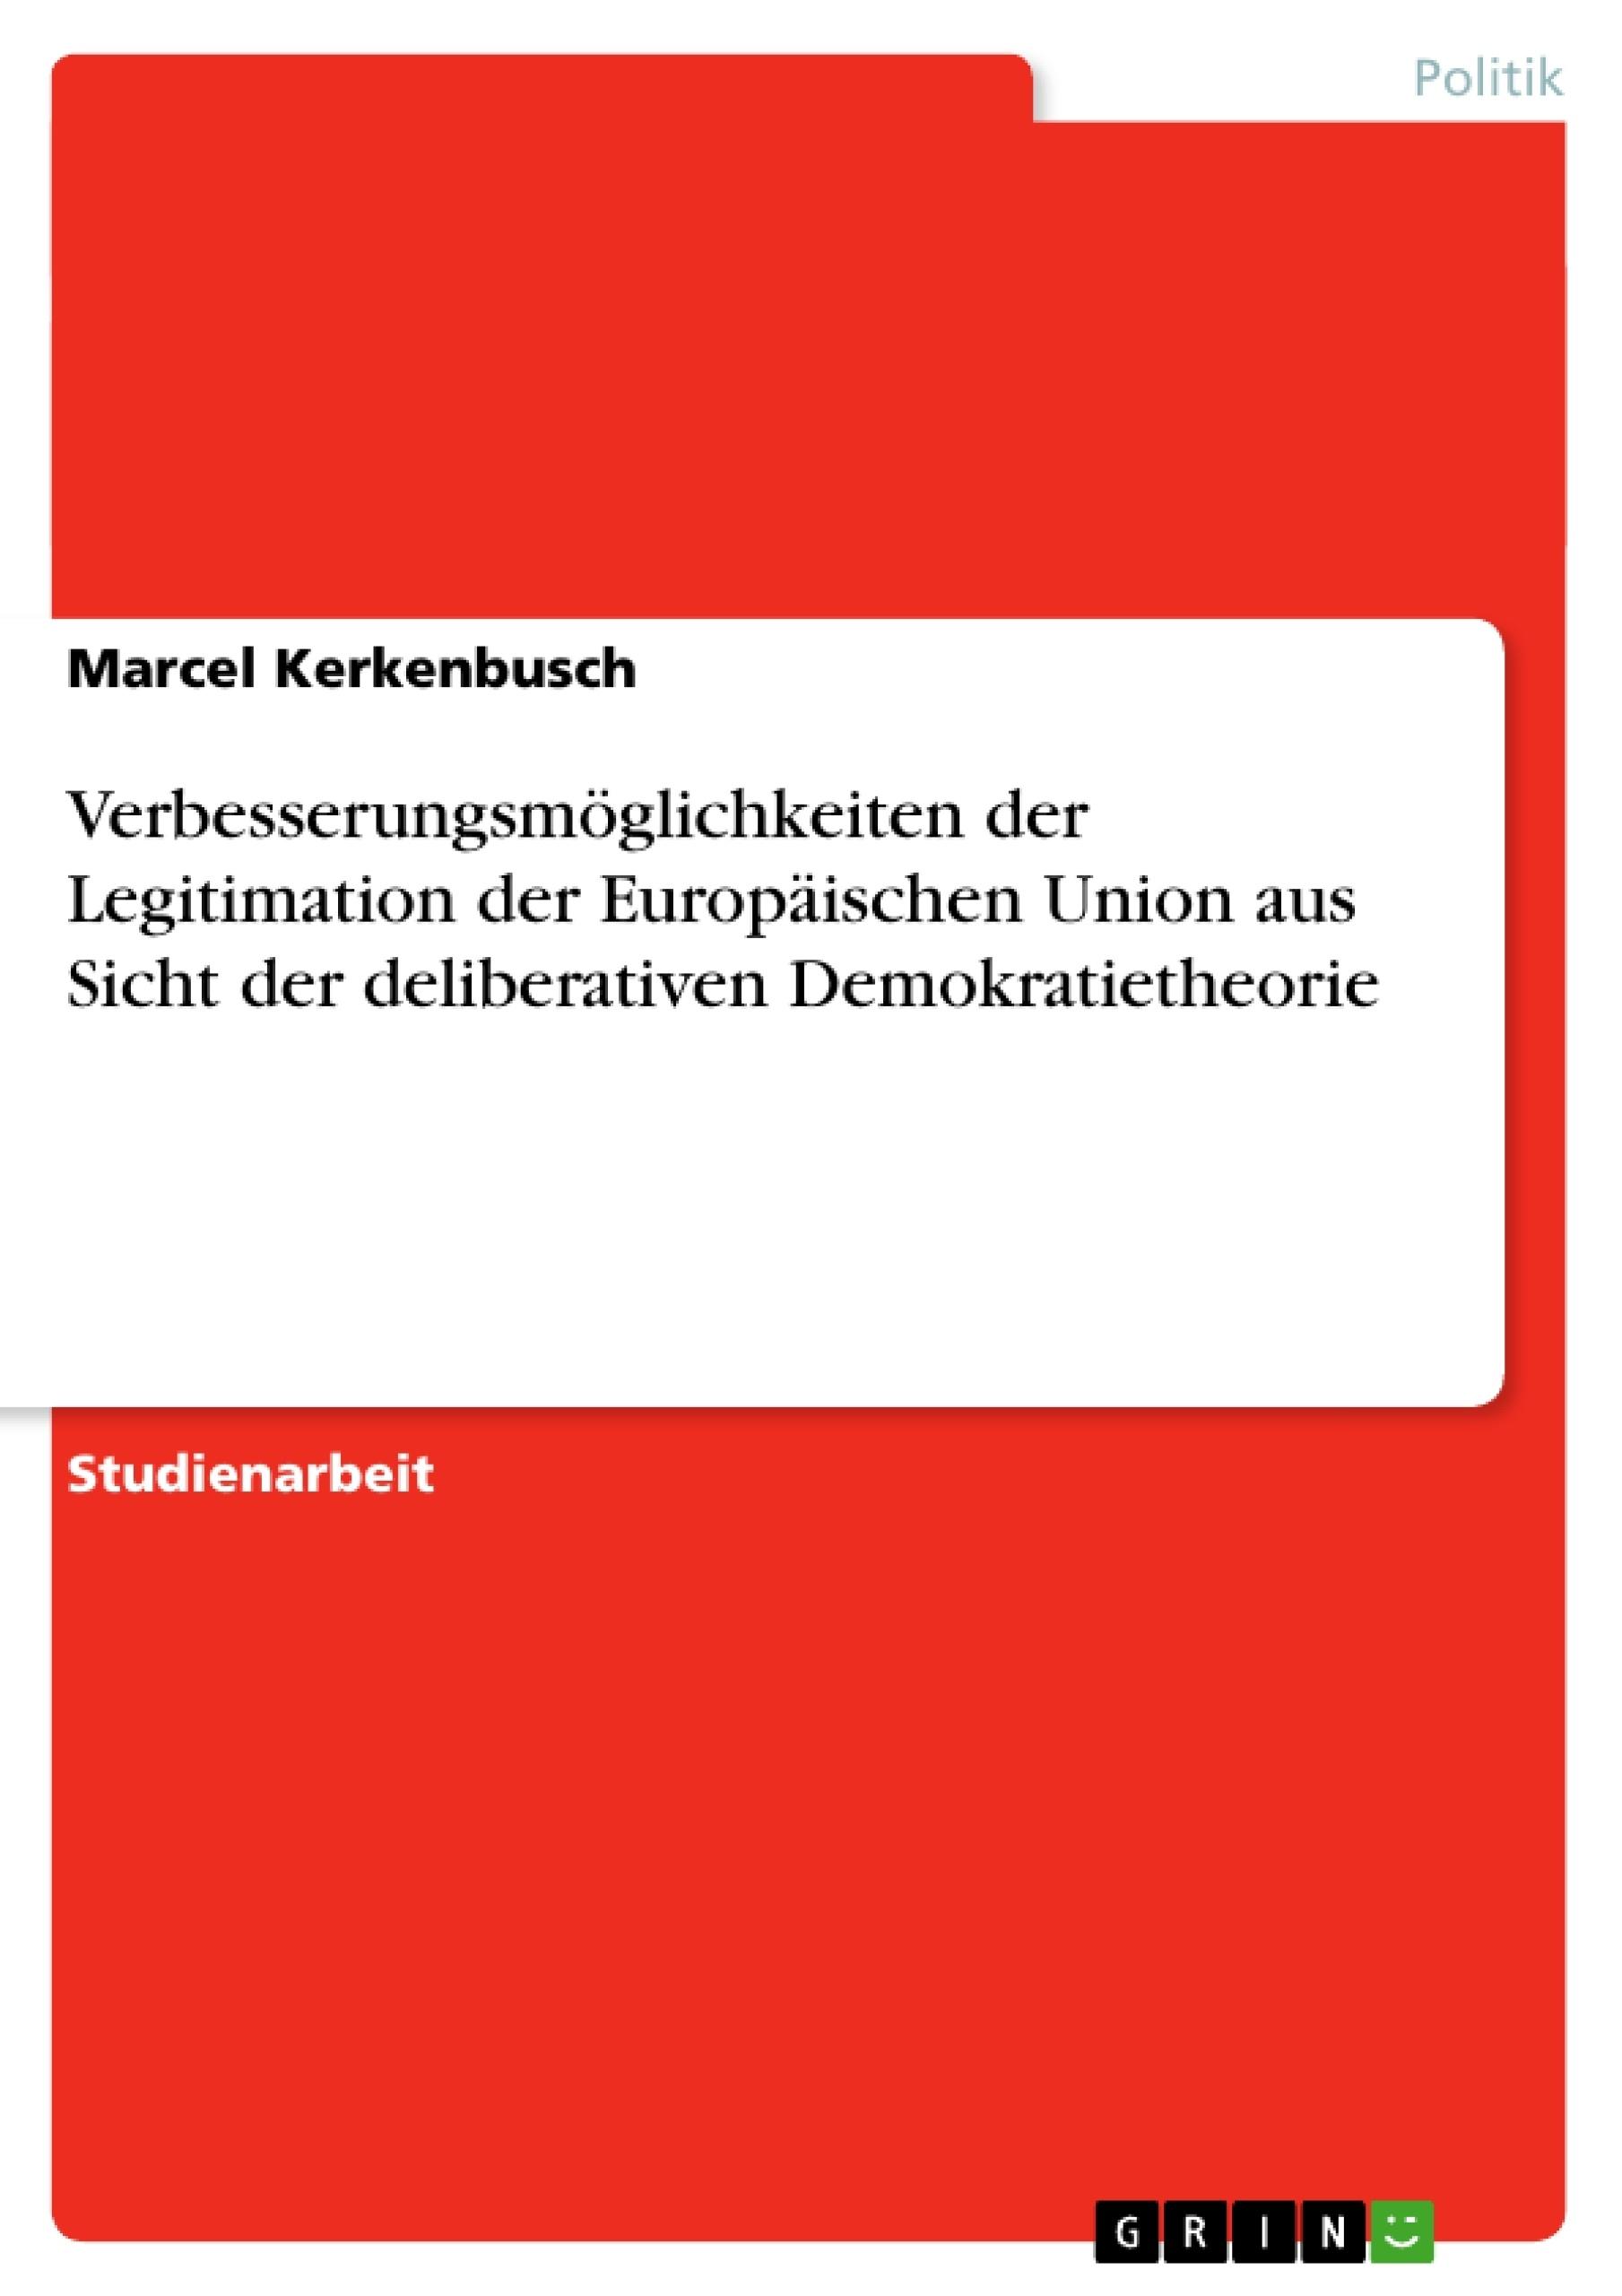 Titel: Verbesserungsmöglichkeiten der Legitimation der Europäischen Union aus Sicht der deliberativen Demokratietheorie